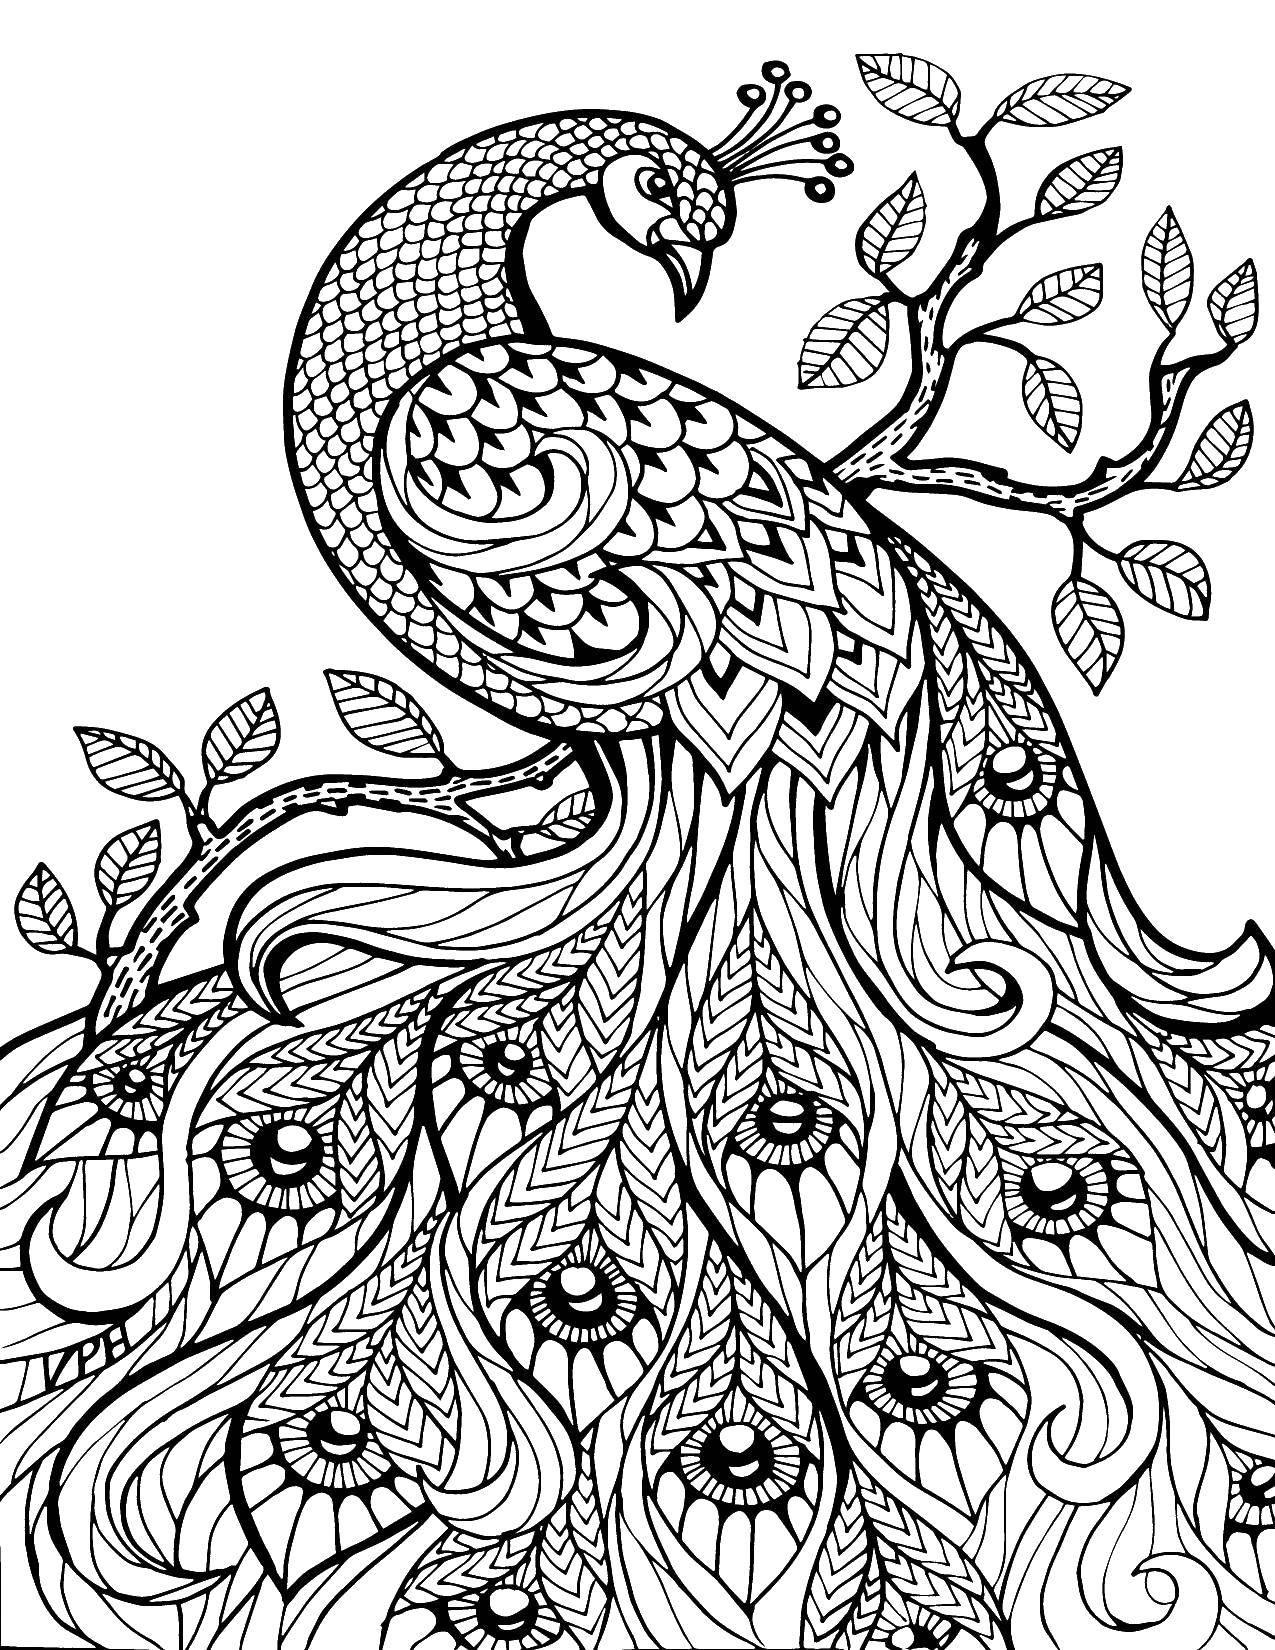 Название: Раскраска Сказочный павлин из узоров. Категория: птицы. Теги: Птицы, павлин.